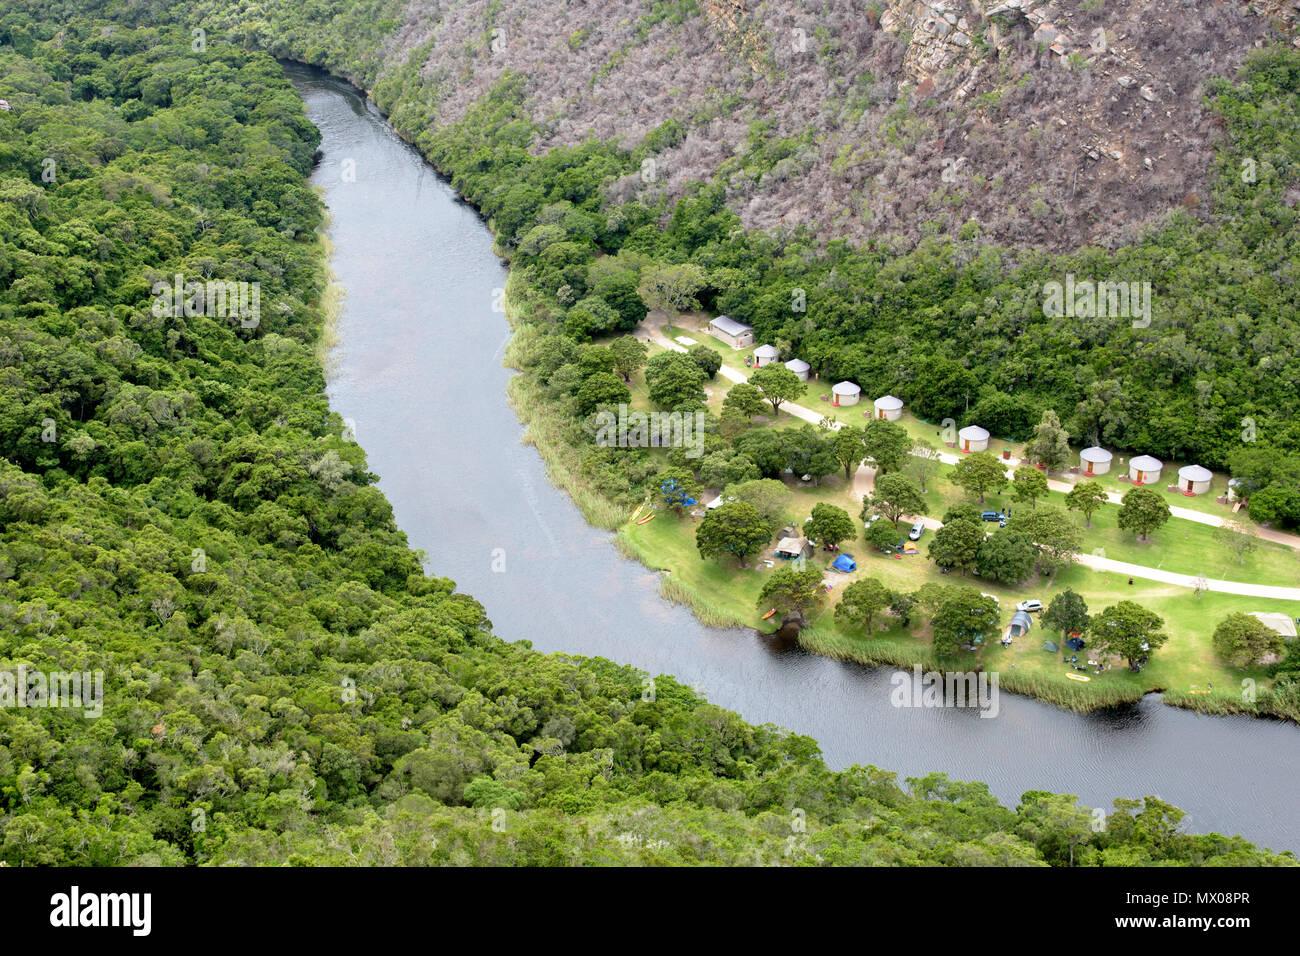 Vista aérea de la Ebb & Flow camp en la zona salvaje de la Garden Route de Sudáfrica Imagen De Stock